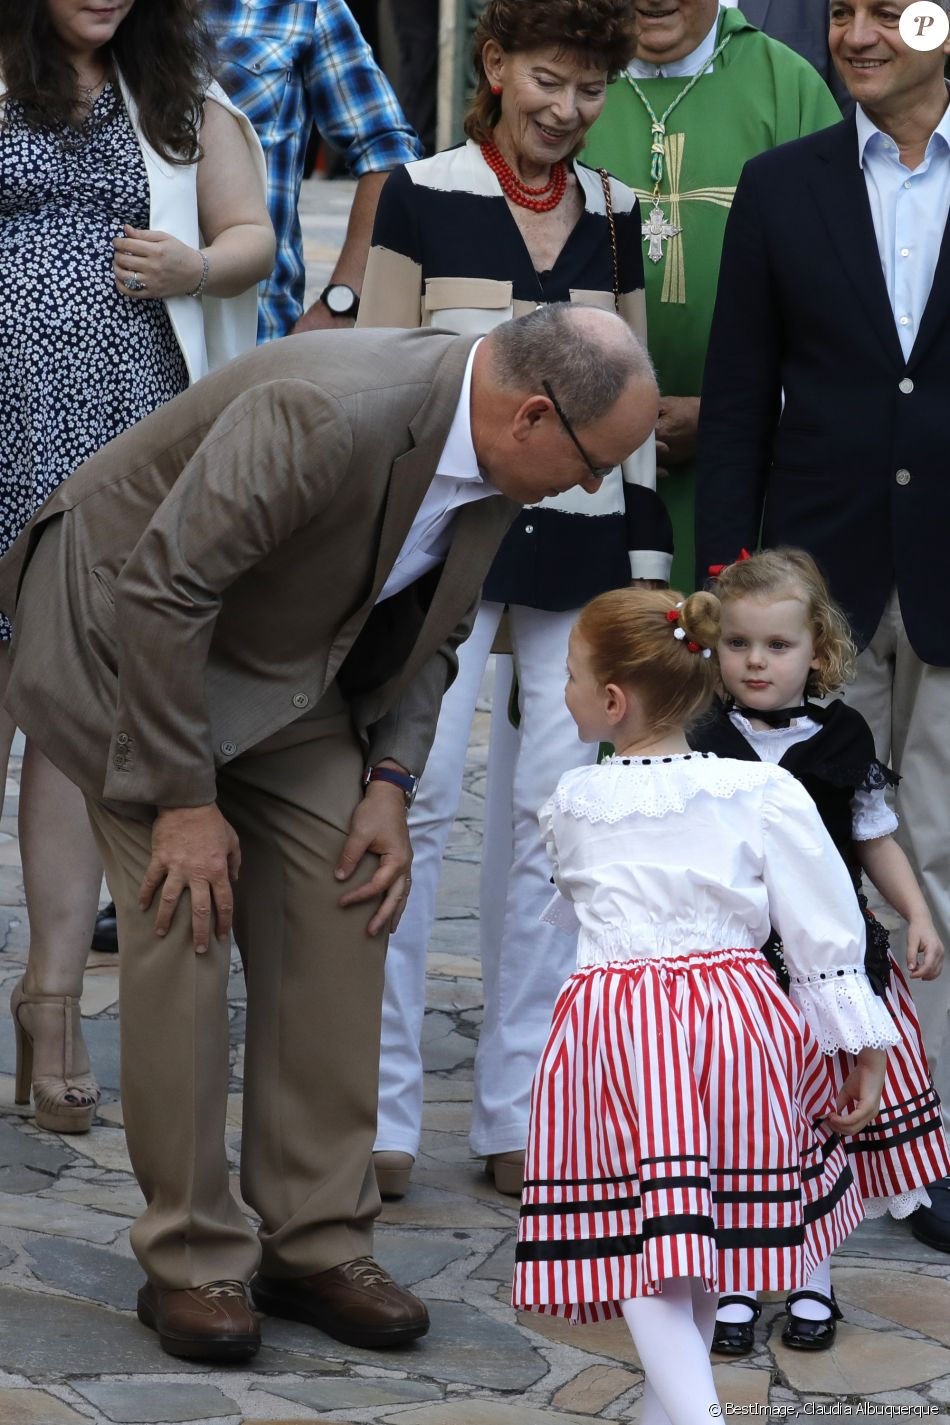 Alberto II y Charlene, Príncipes de Mónaco - Página 11 4280114-albert-ii-de-monaco-avec-la-princesse-ga-950x0-2